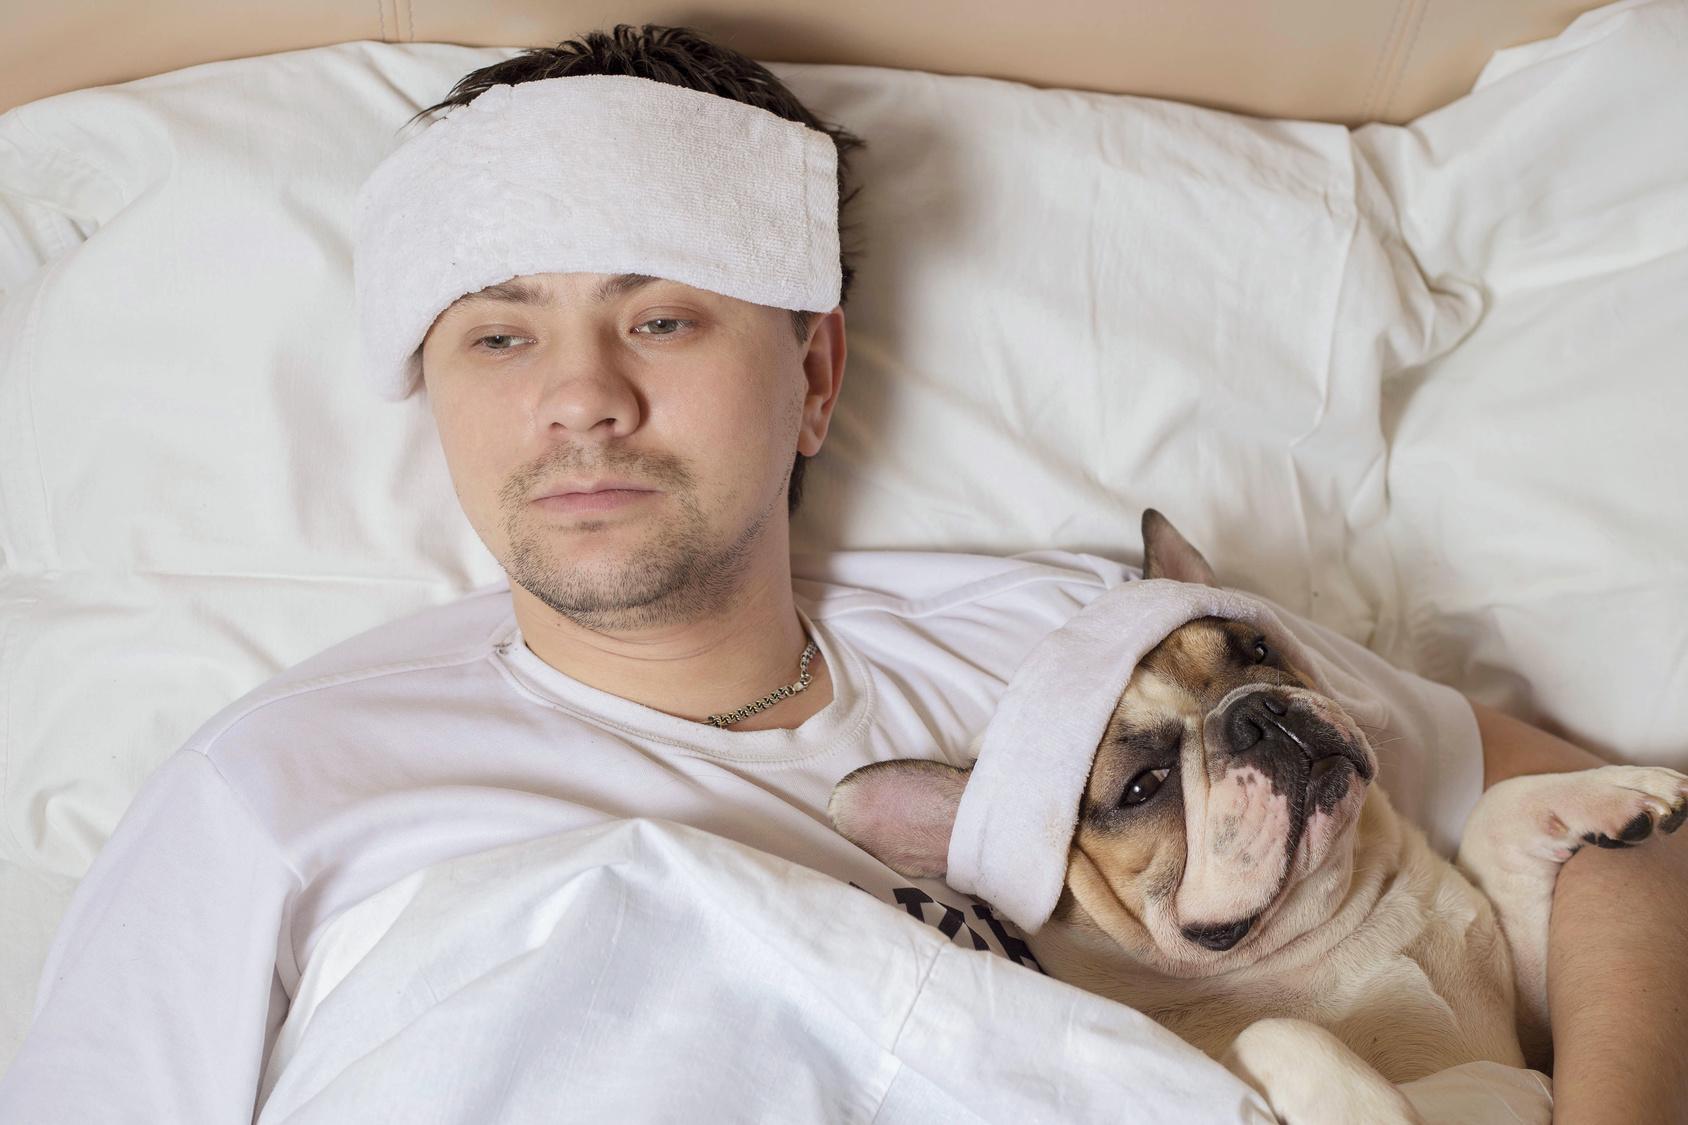 Sind Französische Bulldoggen krankheitsanfällig?